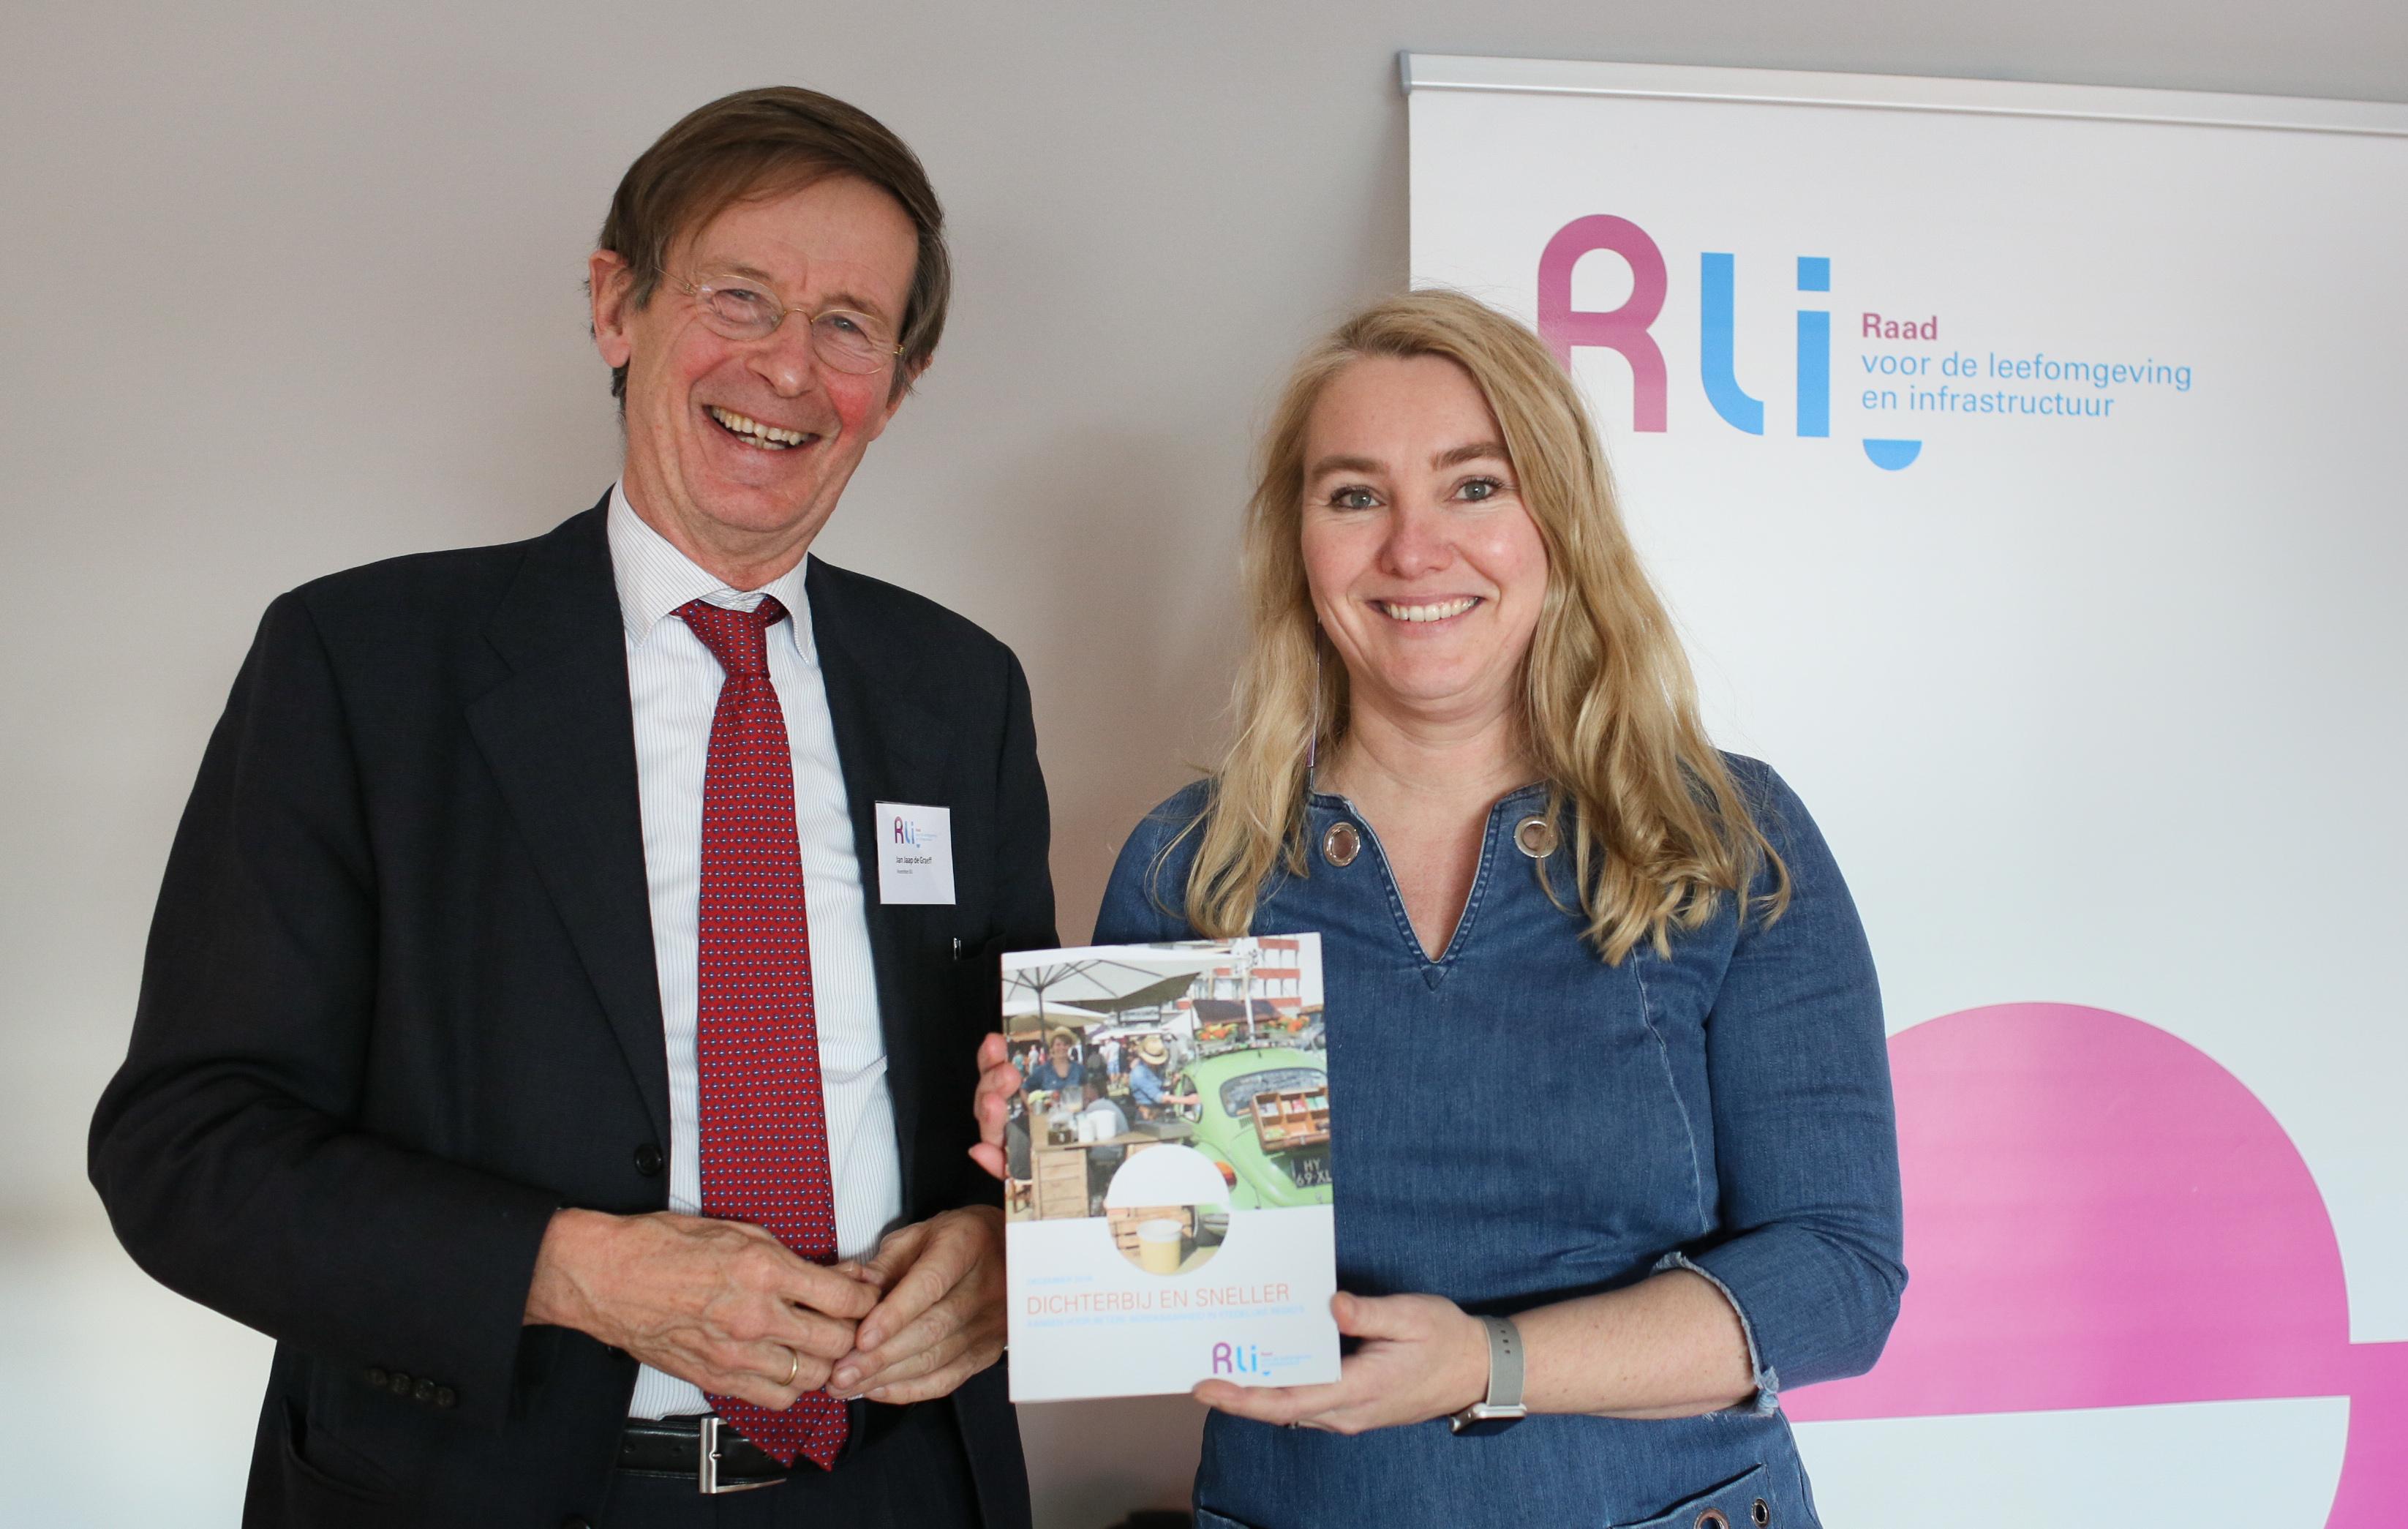 Jan Jaap de Graeff, voorzitter Rli, overhandigt het advies Dichterbij en sneller aan minister Schultz van IenM